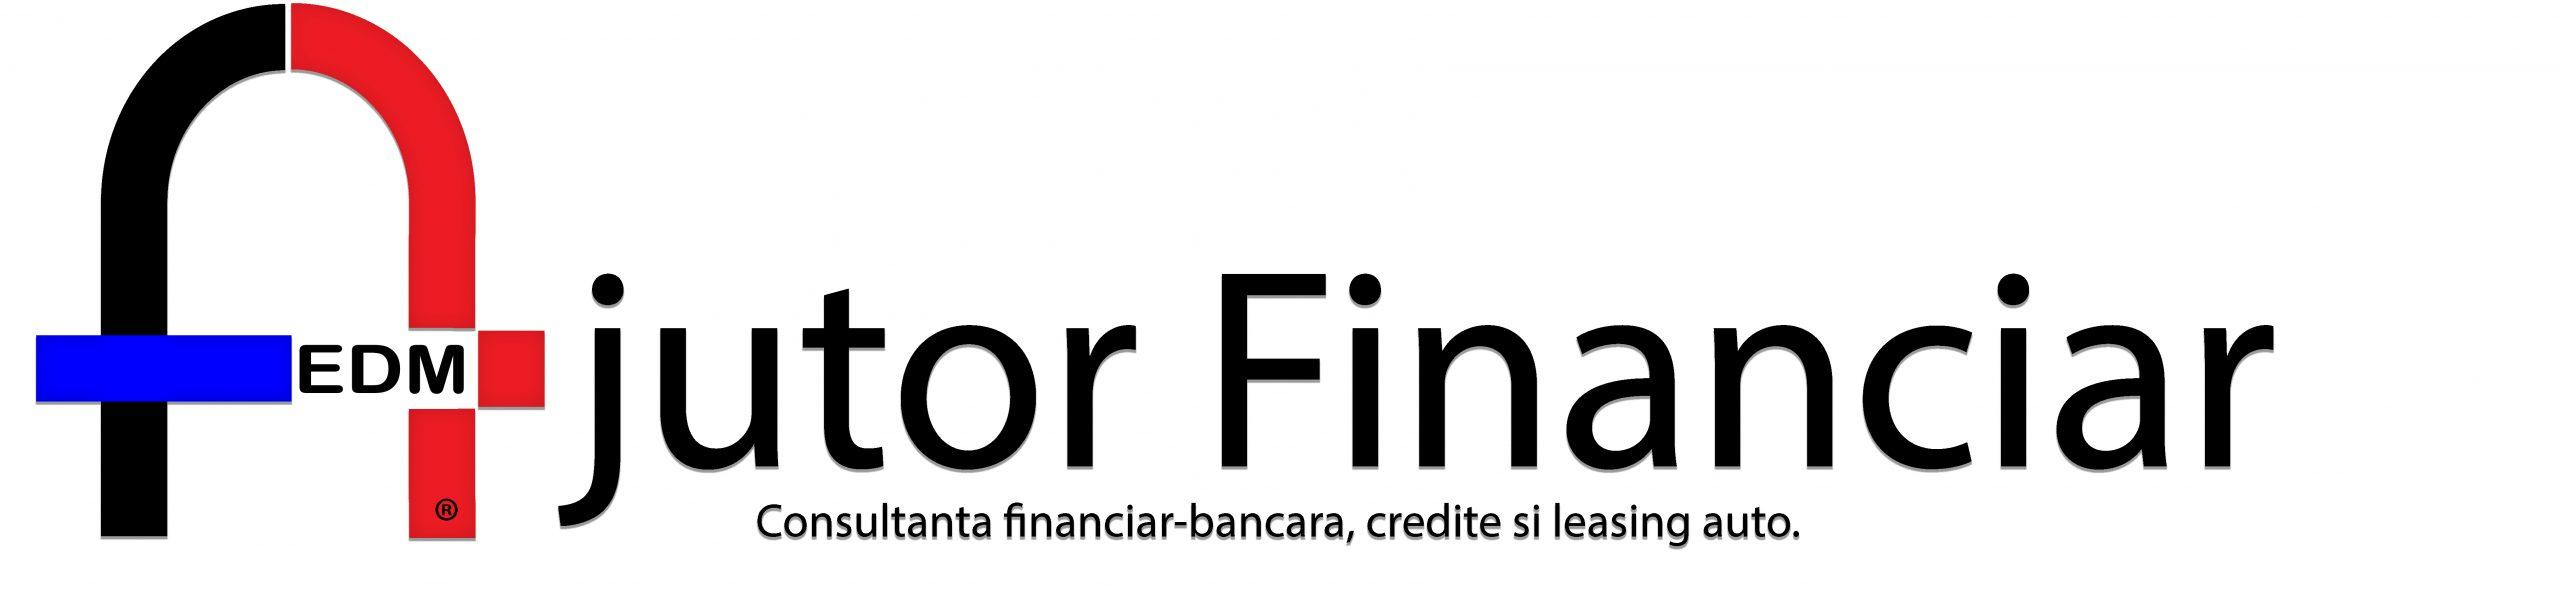 EDM Ajutor Financiar